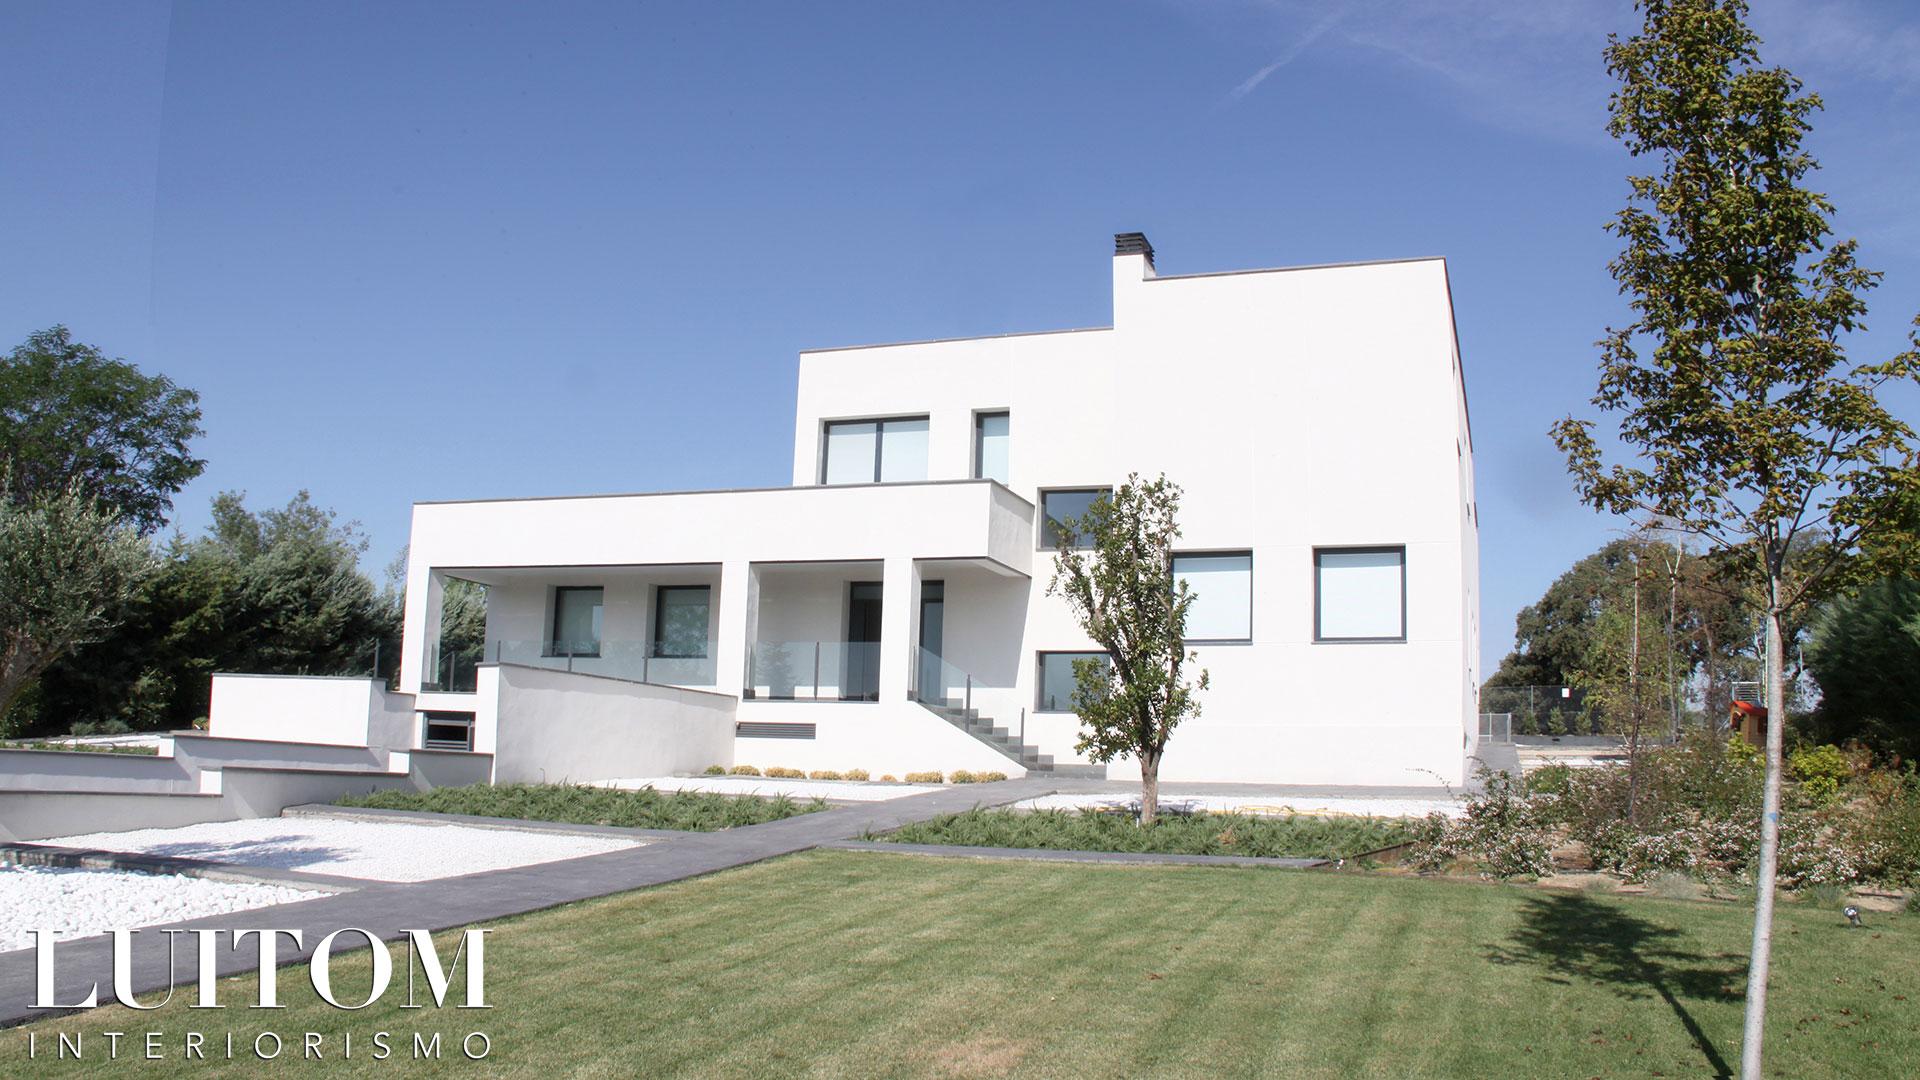 proyecto-arquitectura-construccion-casas-modernas-villas-lujo-madrid-malaga-valencia-arquitectos-luxury-house-spain-architects-002